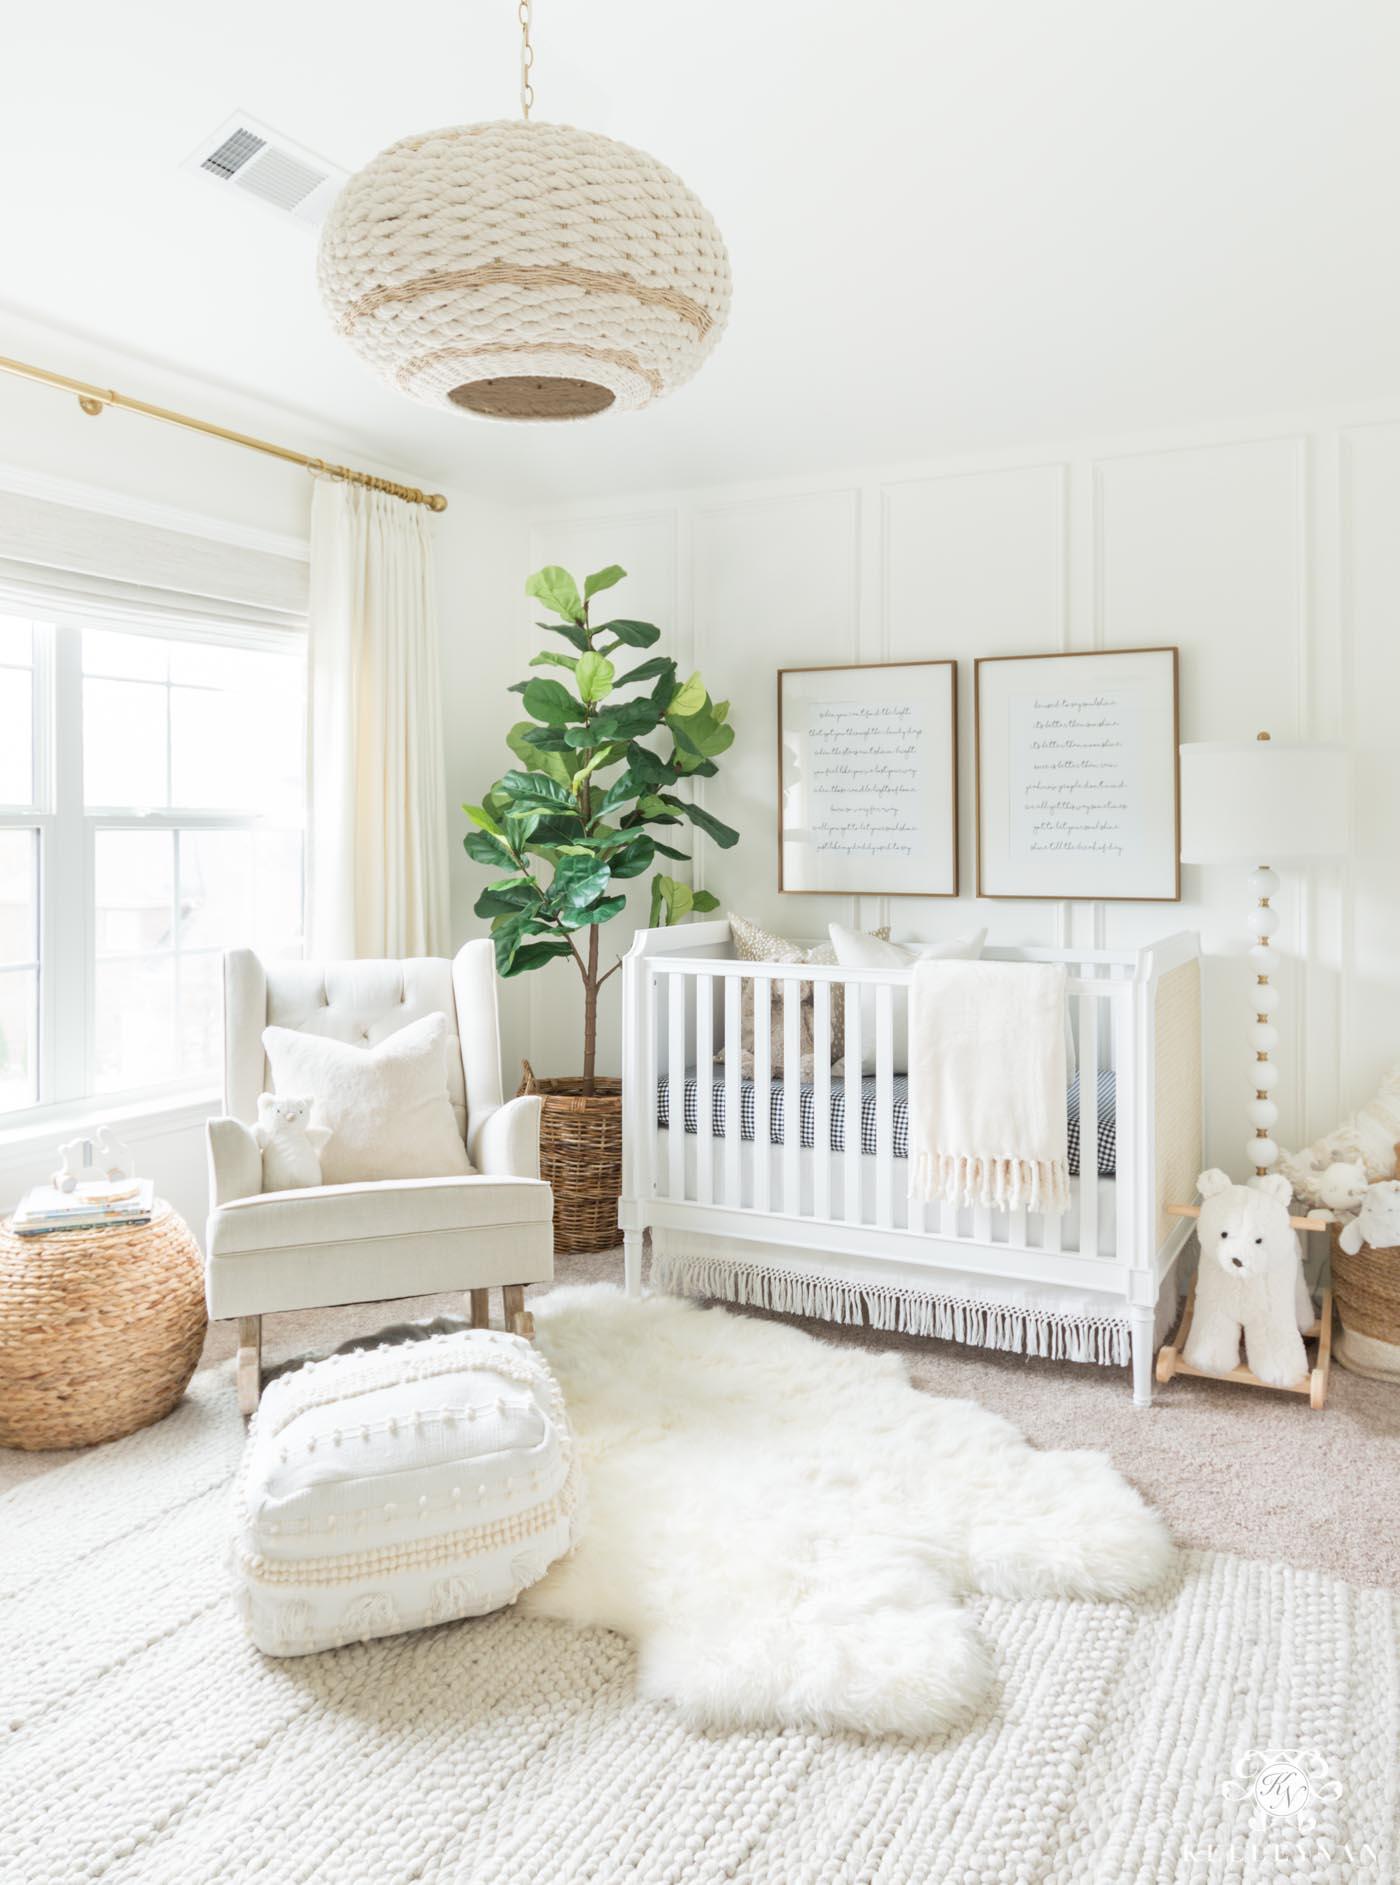 Modern bohemian neutral nursery decor and design ideas